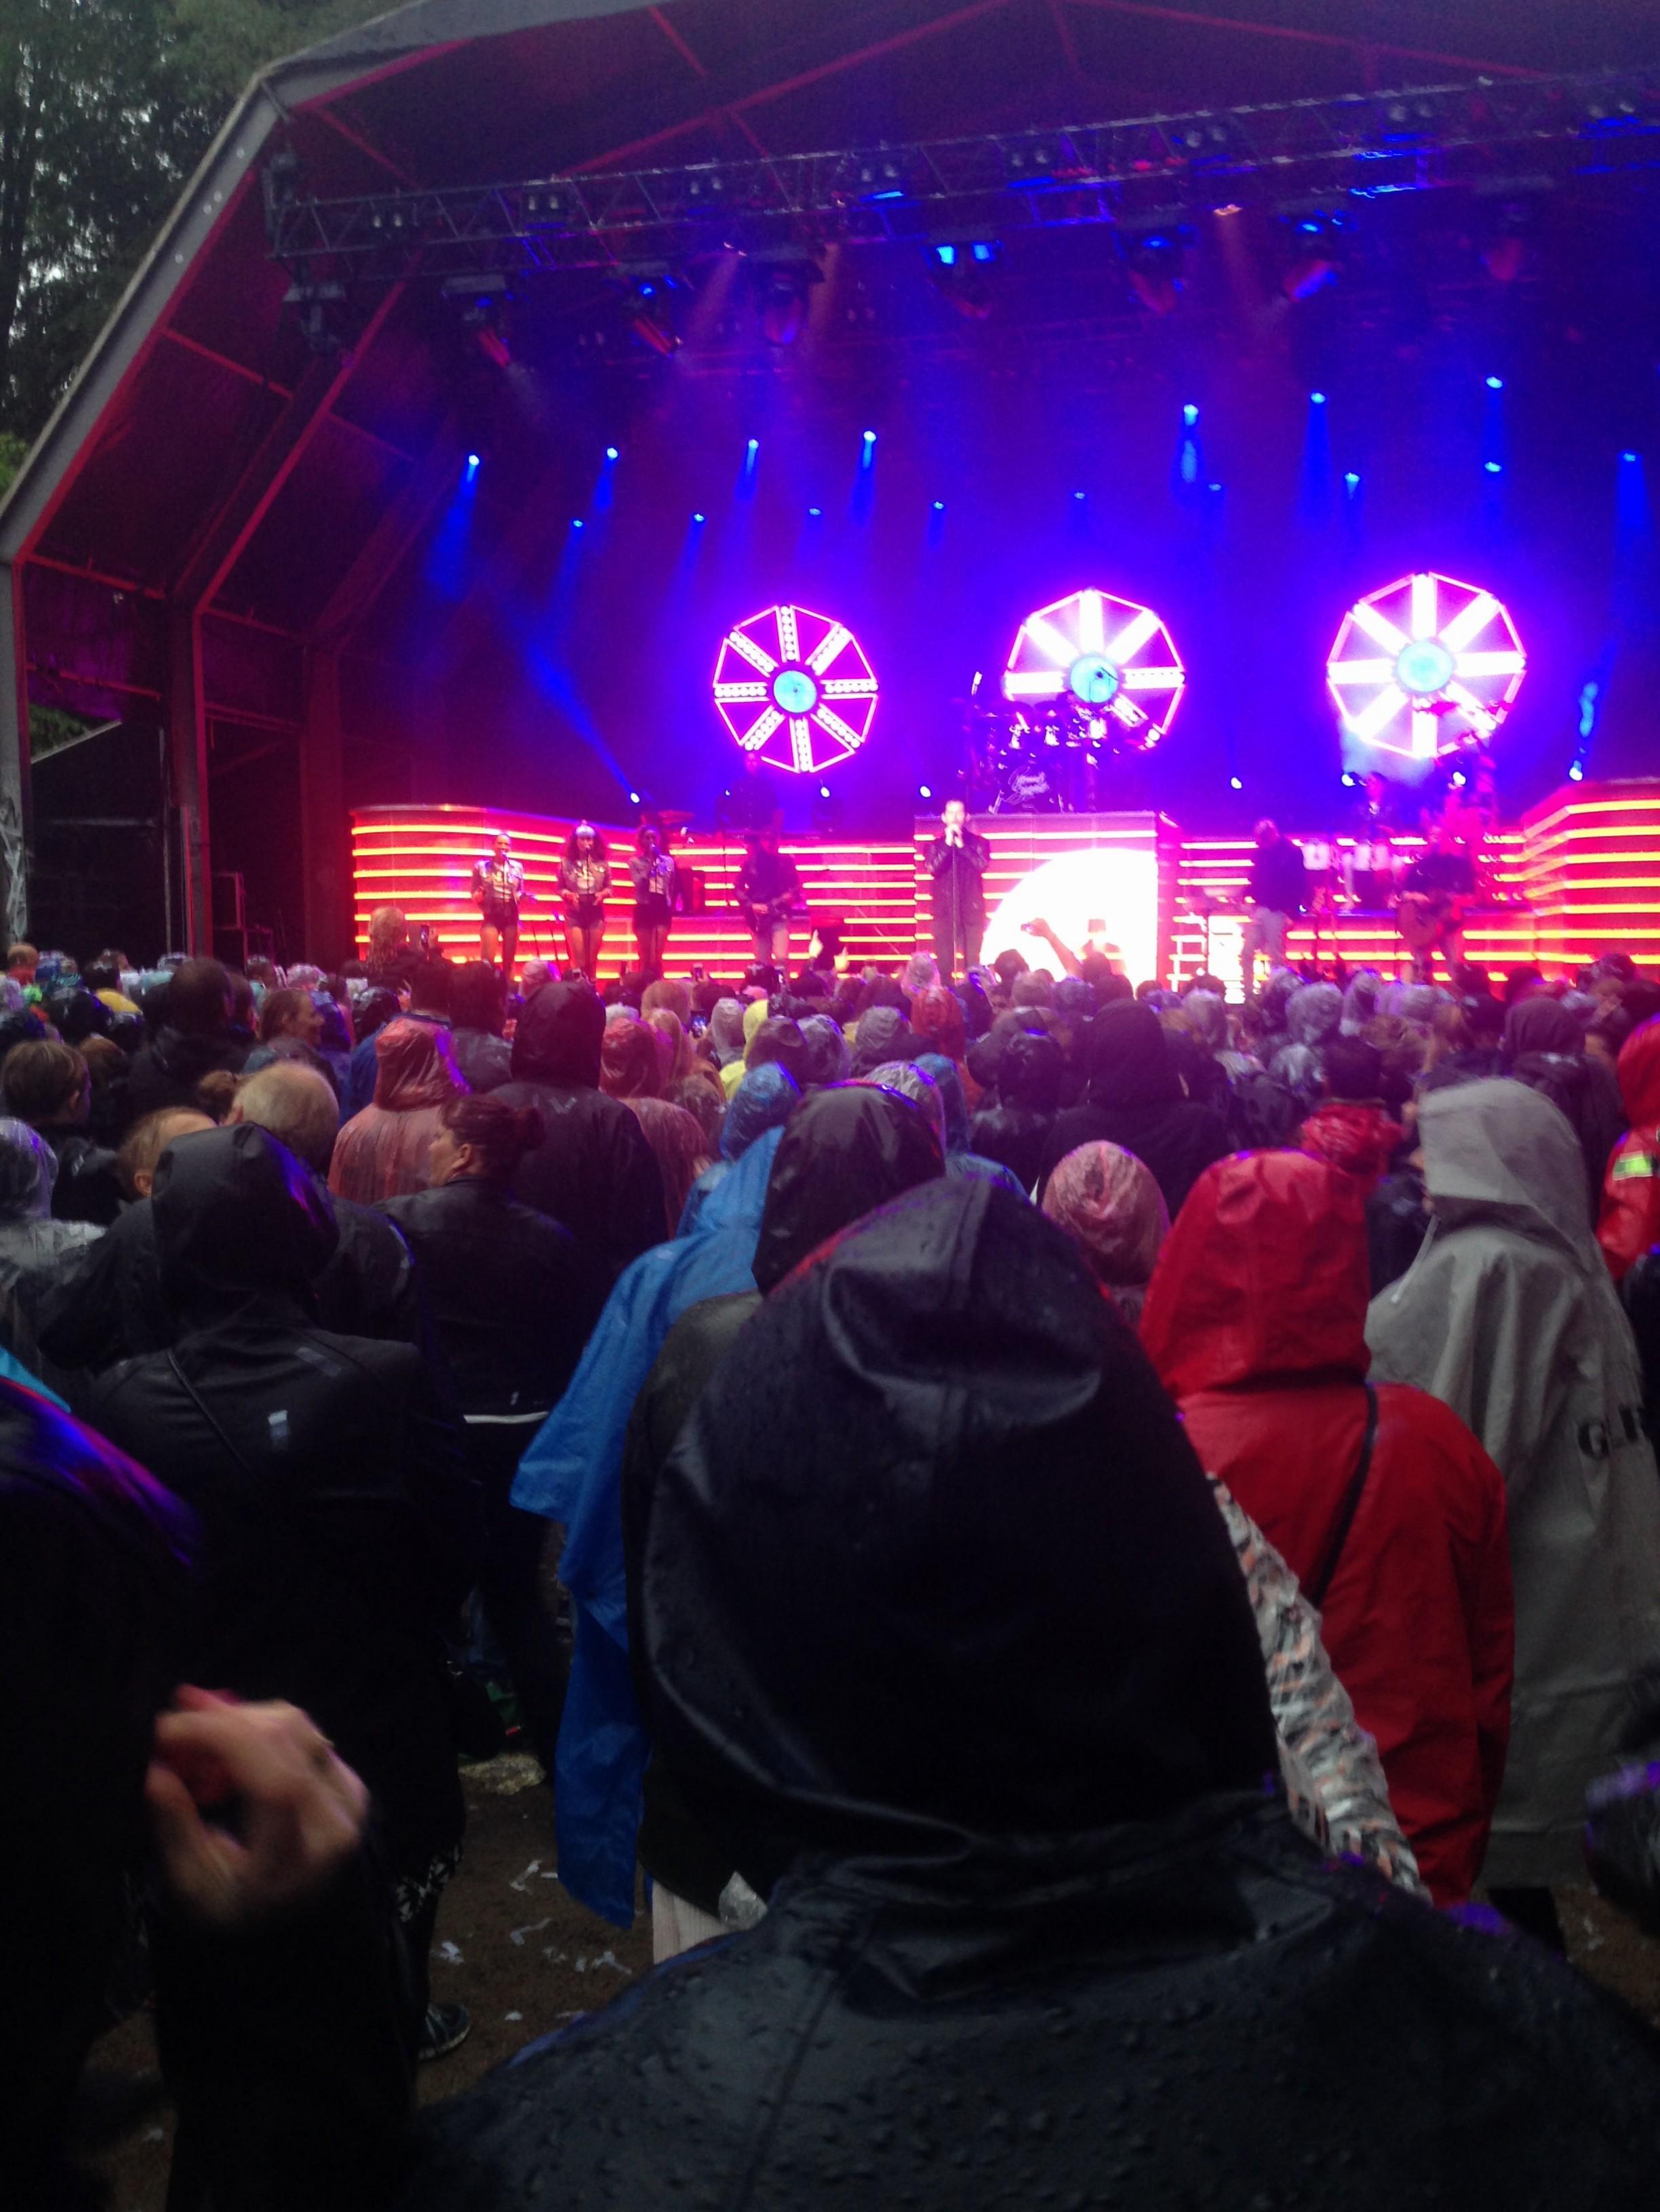 Firmatur - Rasmus Seebach koncert - Malerfirmaet JeppesenMalerfirmaet Jeppesen